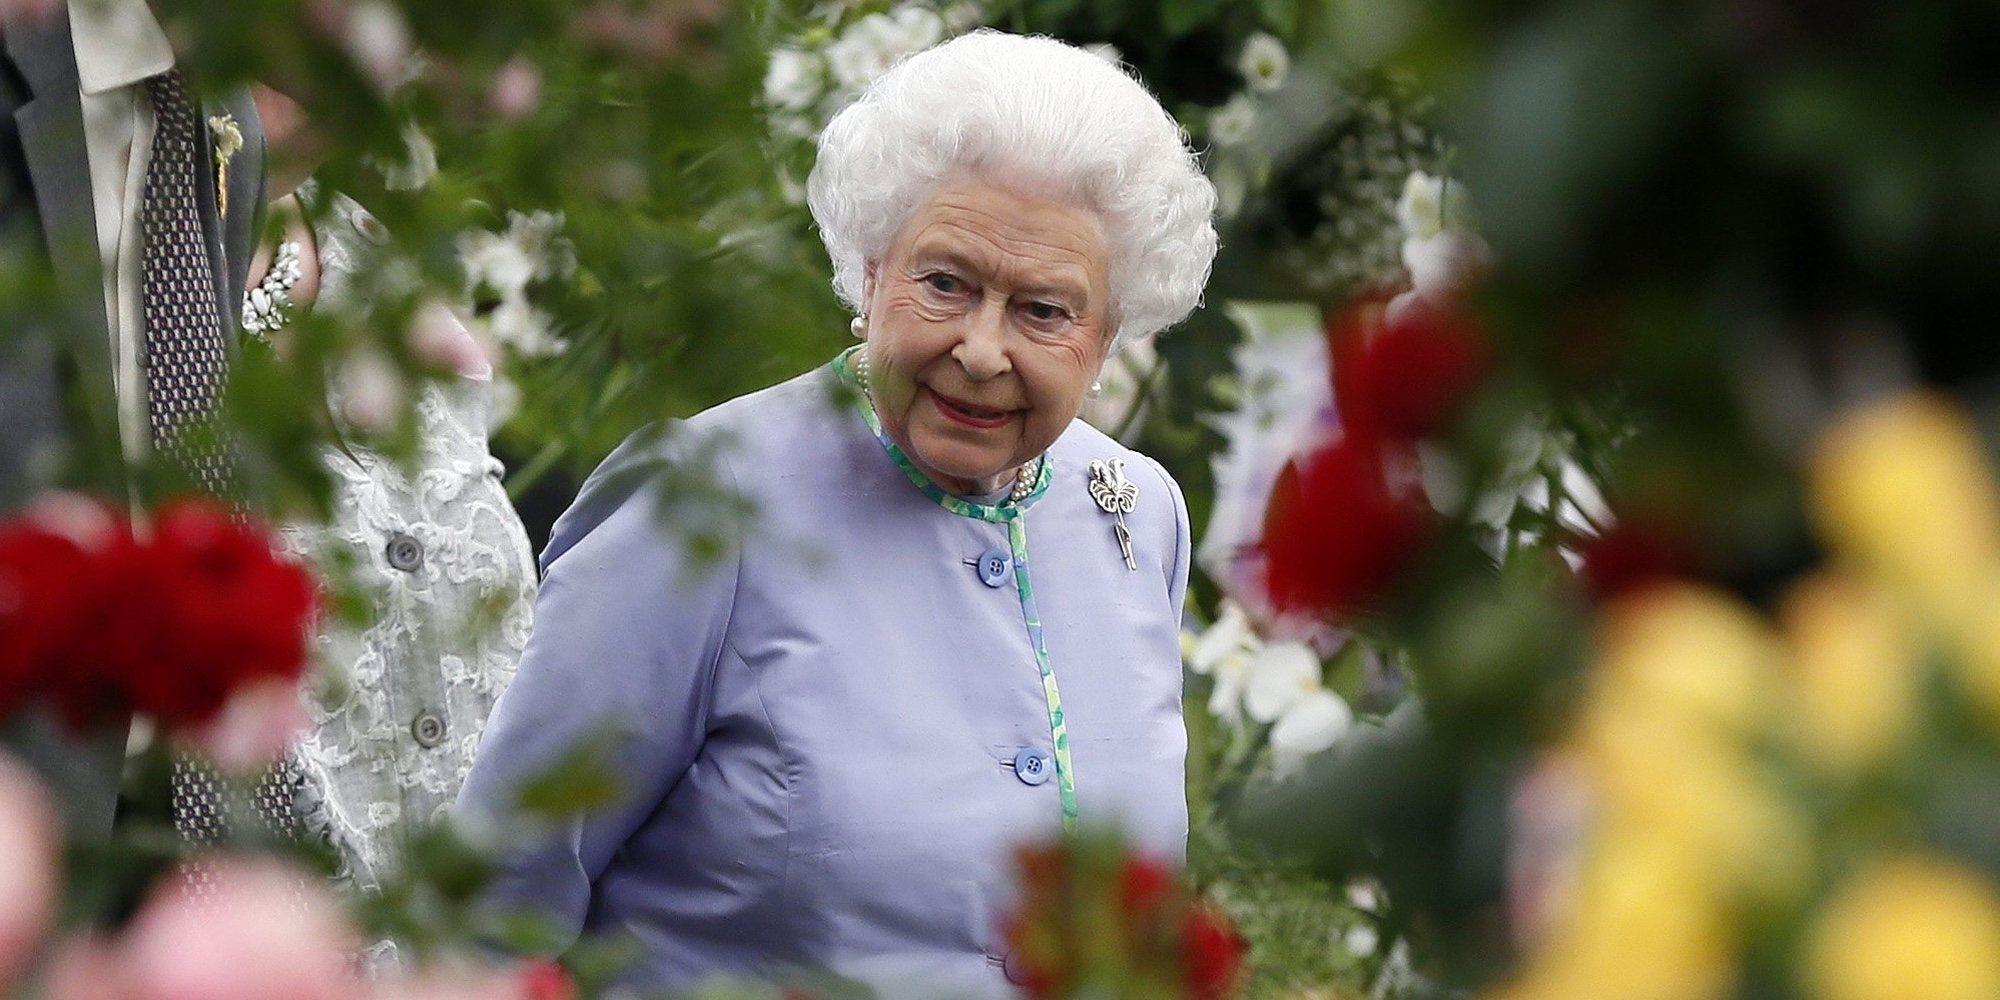 """La Reina Isabel bromea sobre el cambio climático: """"Yo ya no estaré aquí para verlo"""""""